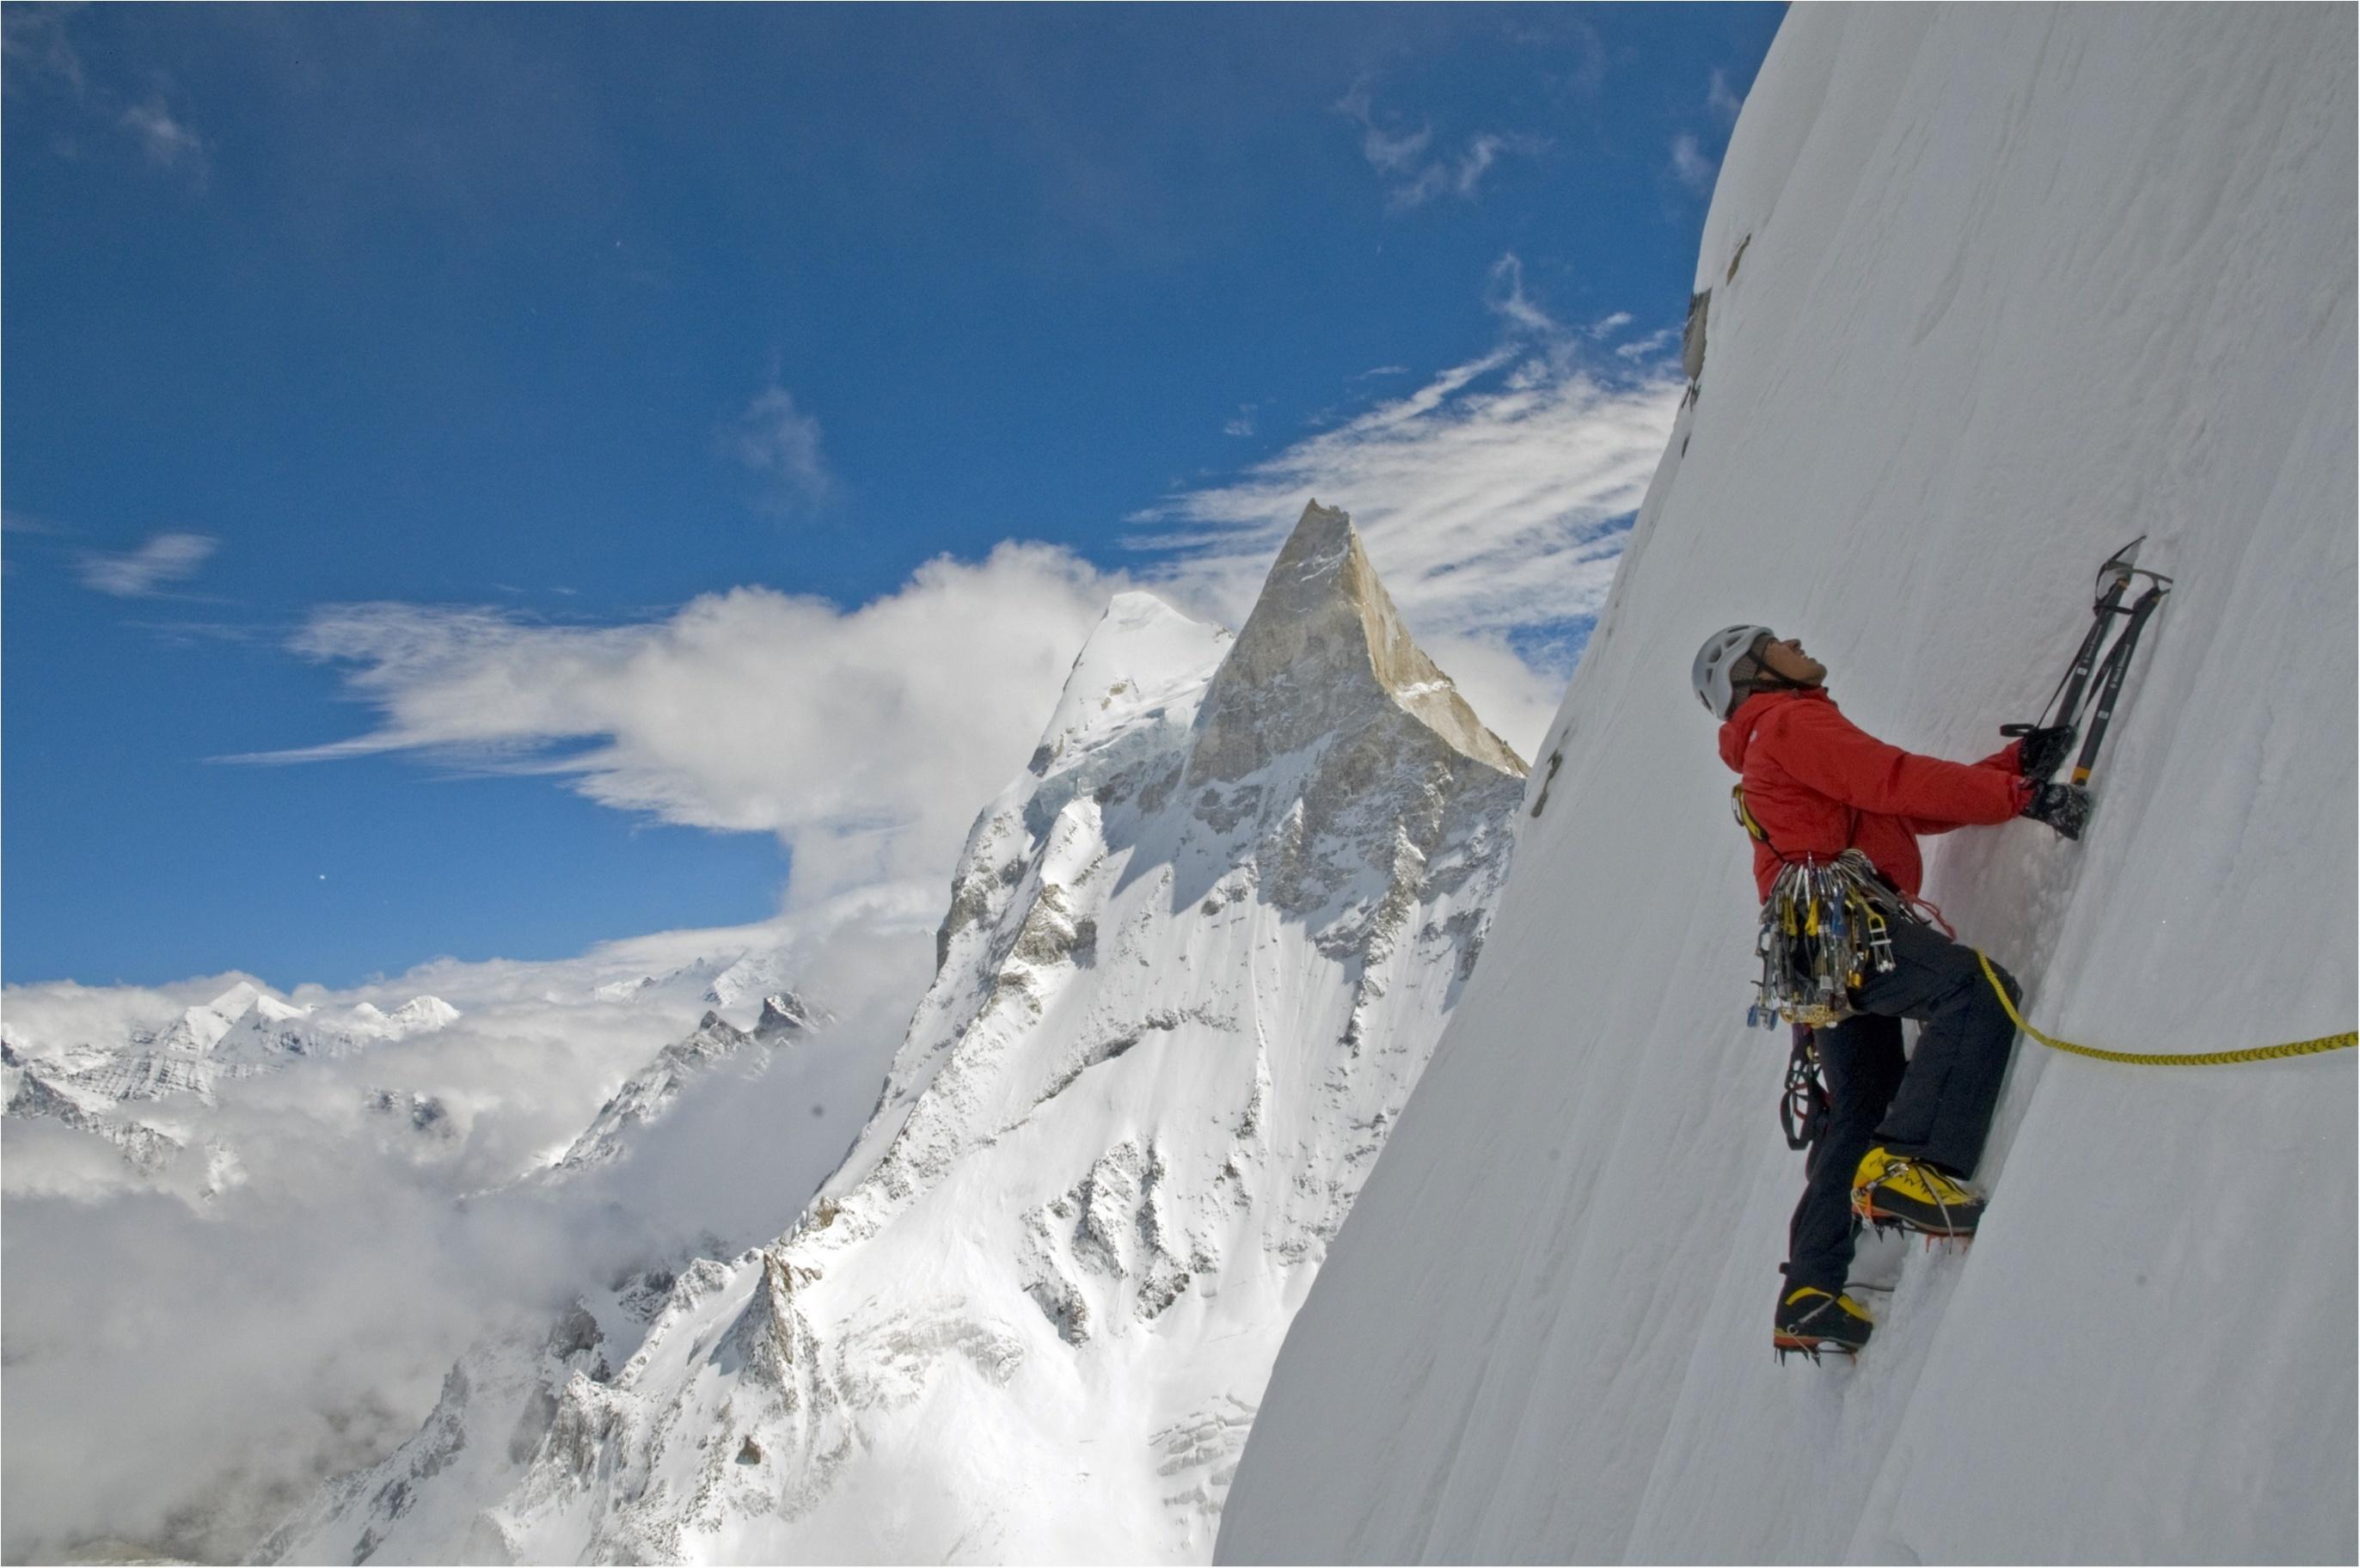 無性に新しい挑戦がしたくなる! 新年にピッタリの山岳ドキュメンタリー『MERU/メルー』_1